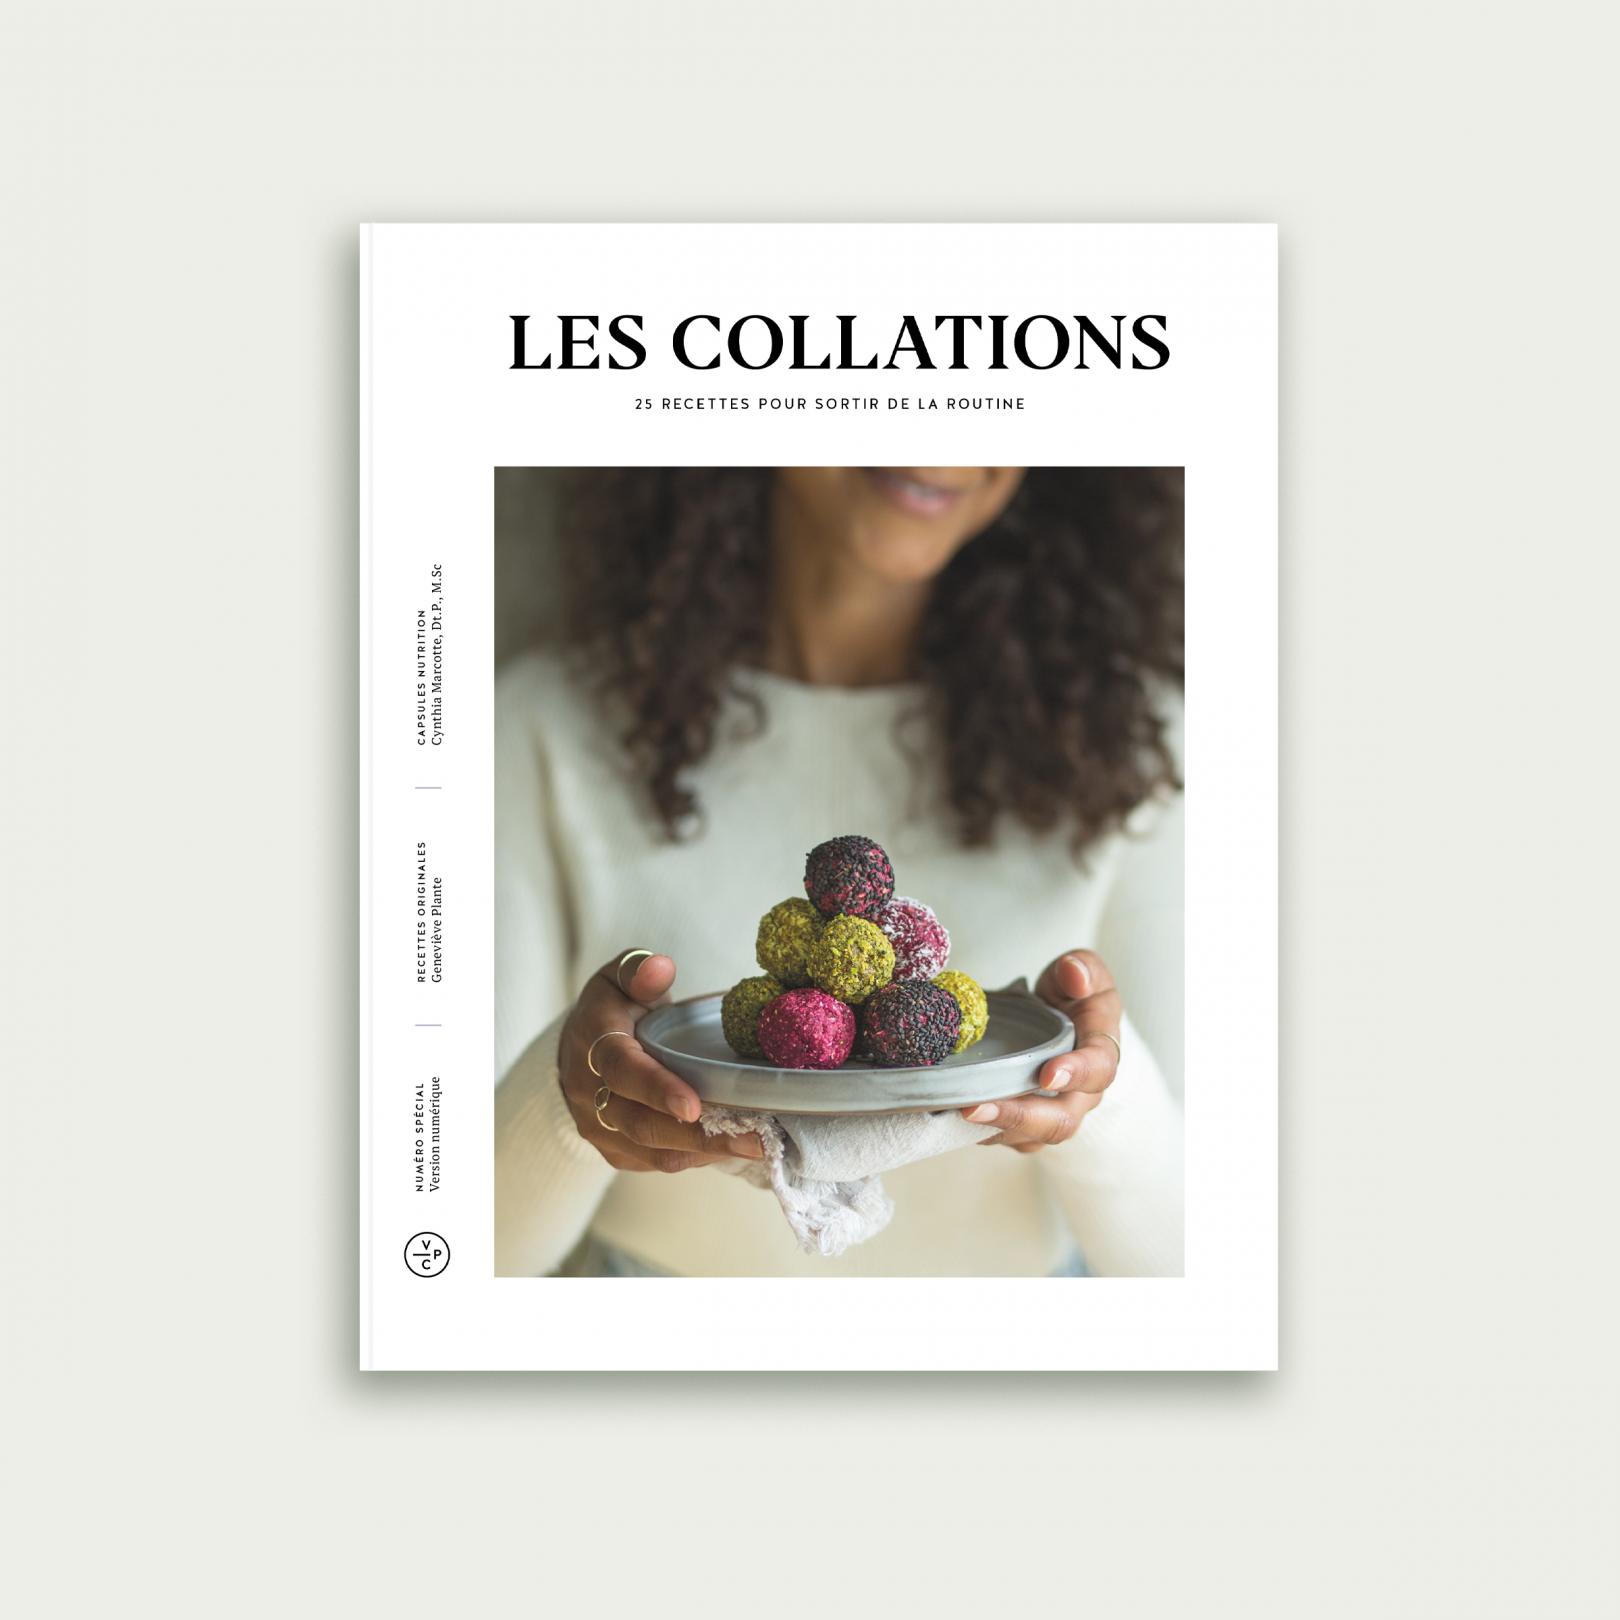 Les Collations: Le nouveau livre gourmand de Geneviève Plante